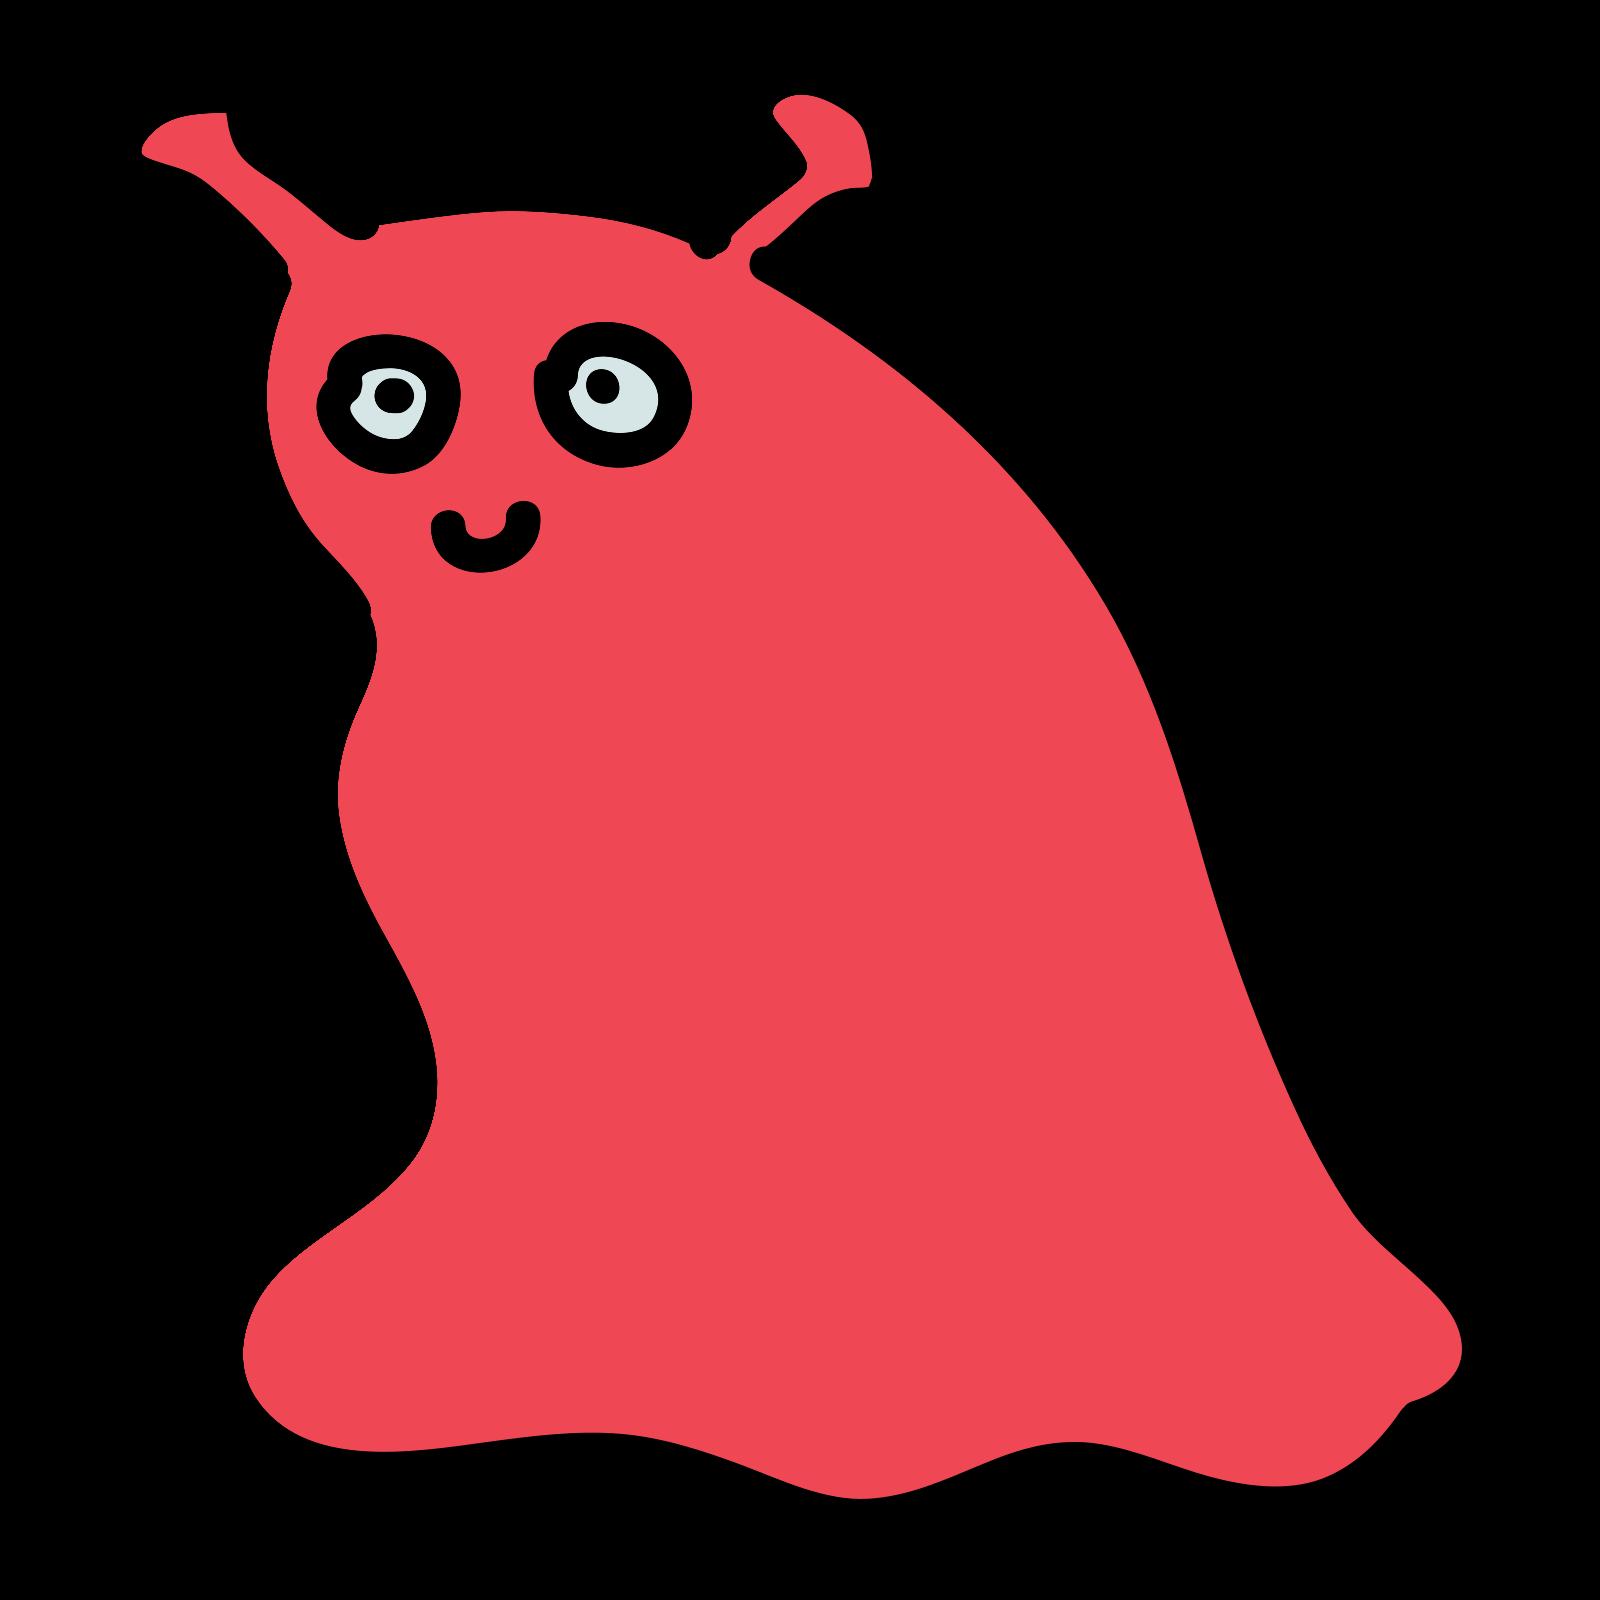 Cute Alien icon